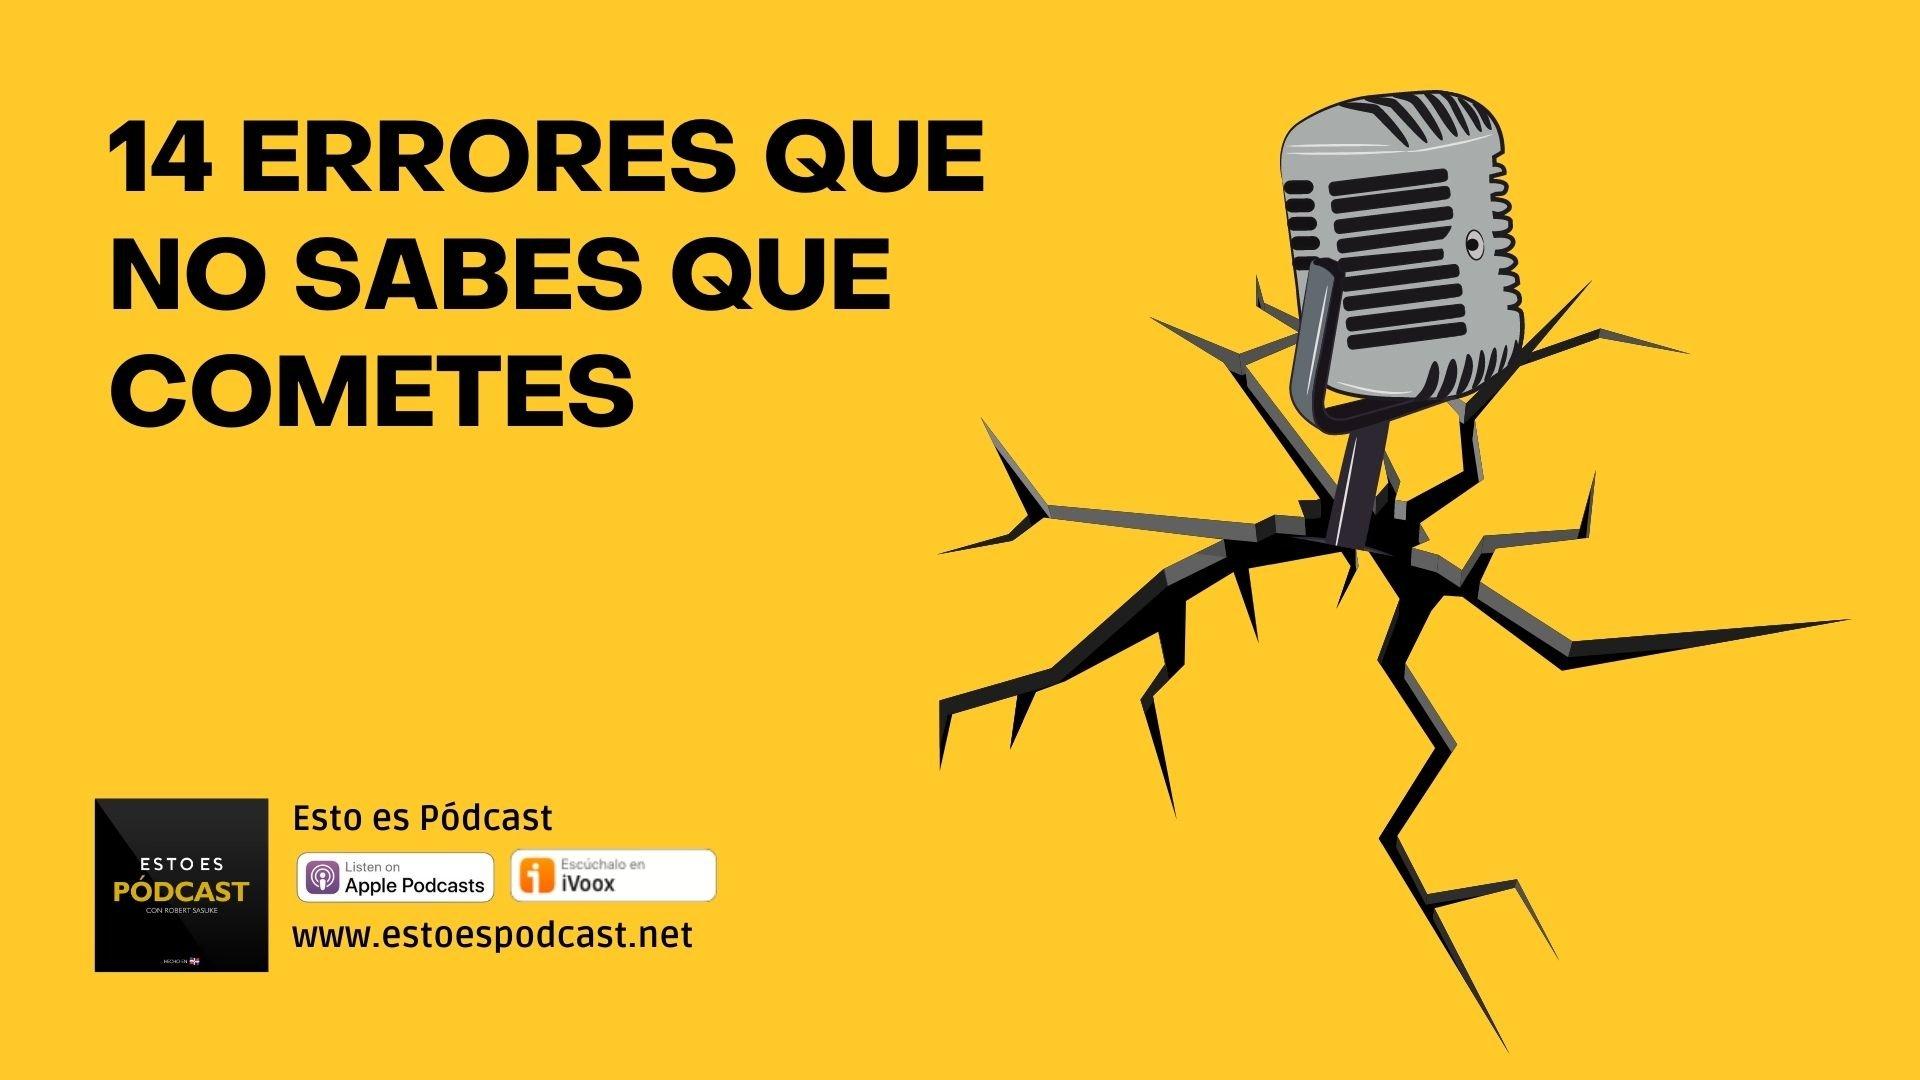 14 errores técnicos que cometes con tu podcast y no lo sabes